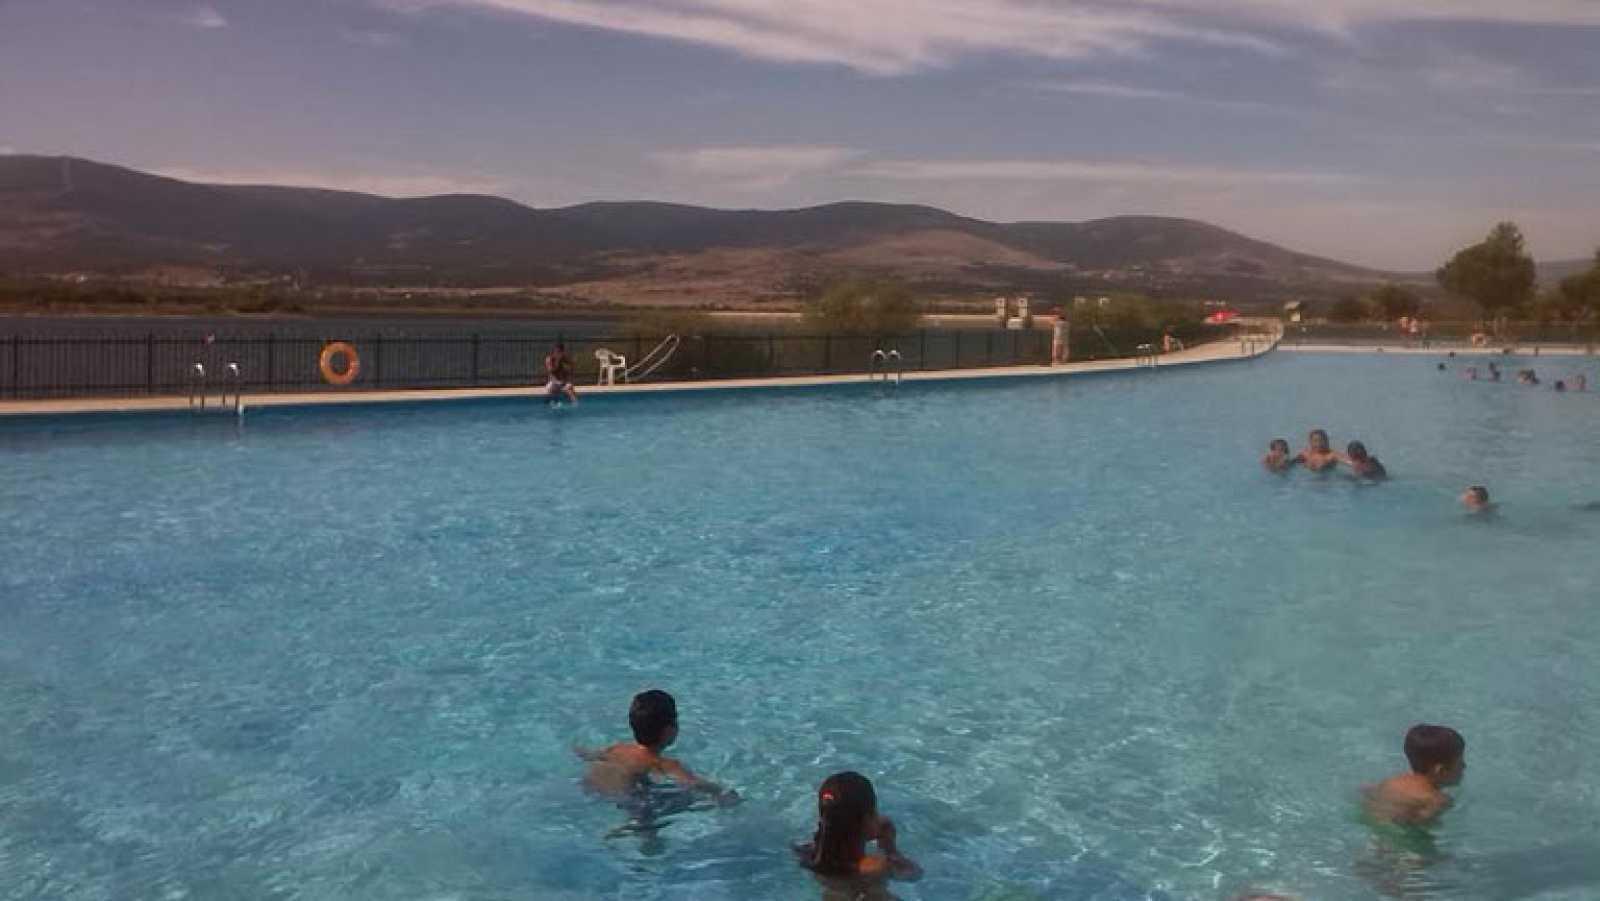 cdd4f9eb4c26 Aquí la Tierra- Una piscina de lo más natural